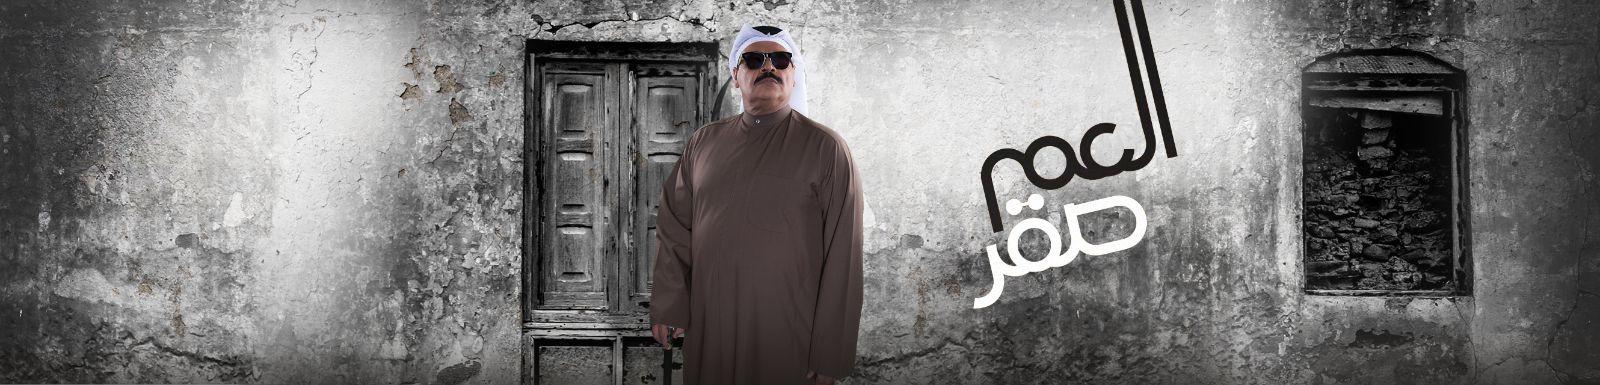 تحميل مسلسل العم صقر الحلقة 26 MBC shahid شاهد نت